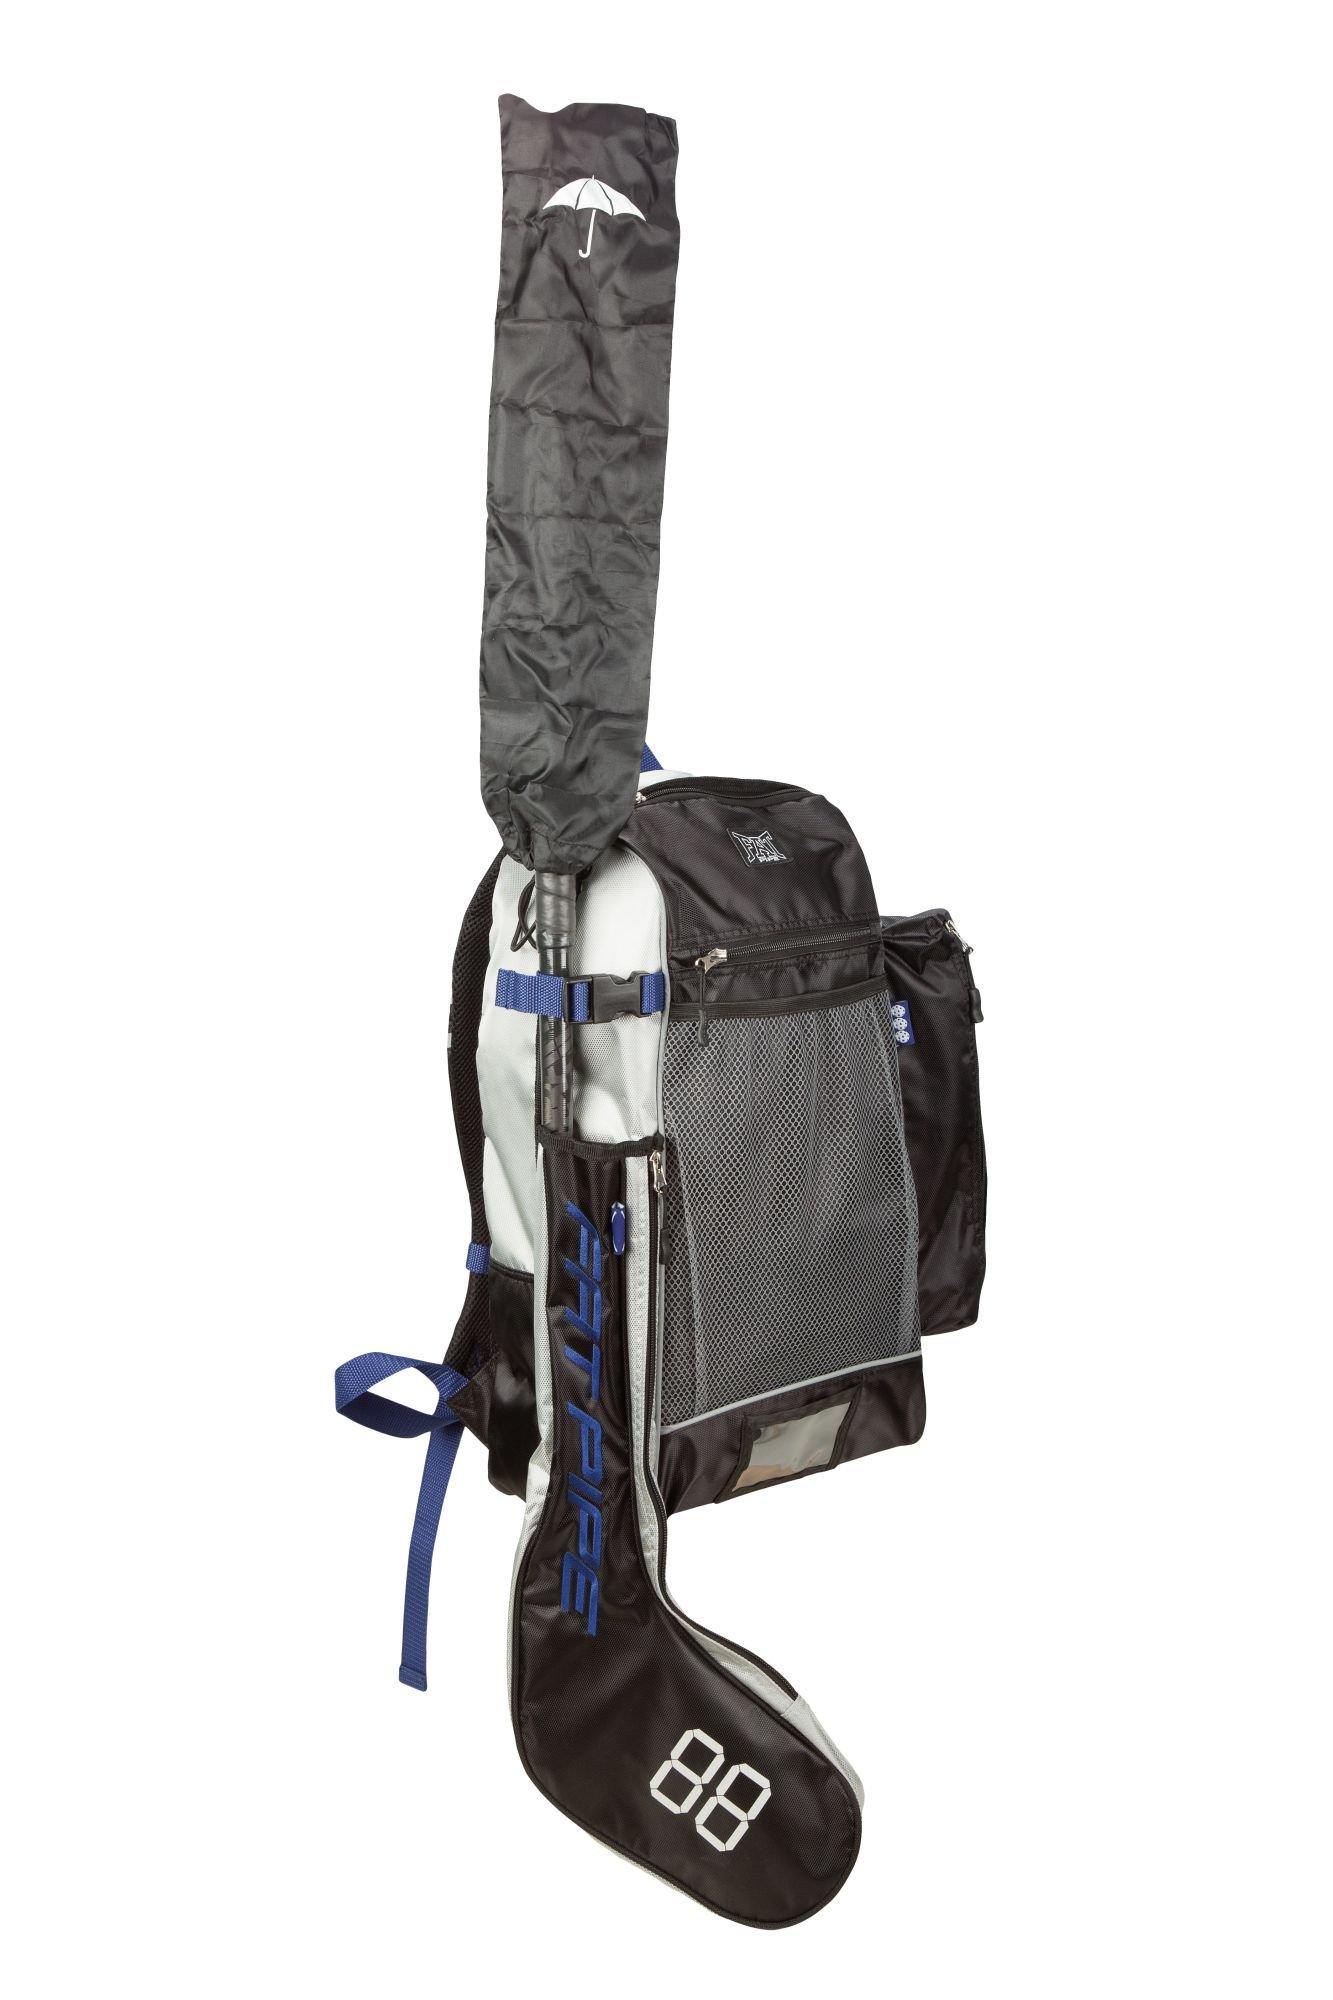 Fatpipe Classic Stick Back Pack 17/18 černá-modrá-šedá